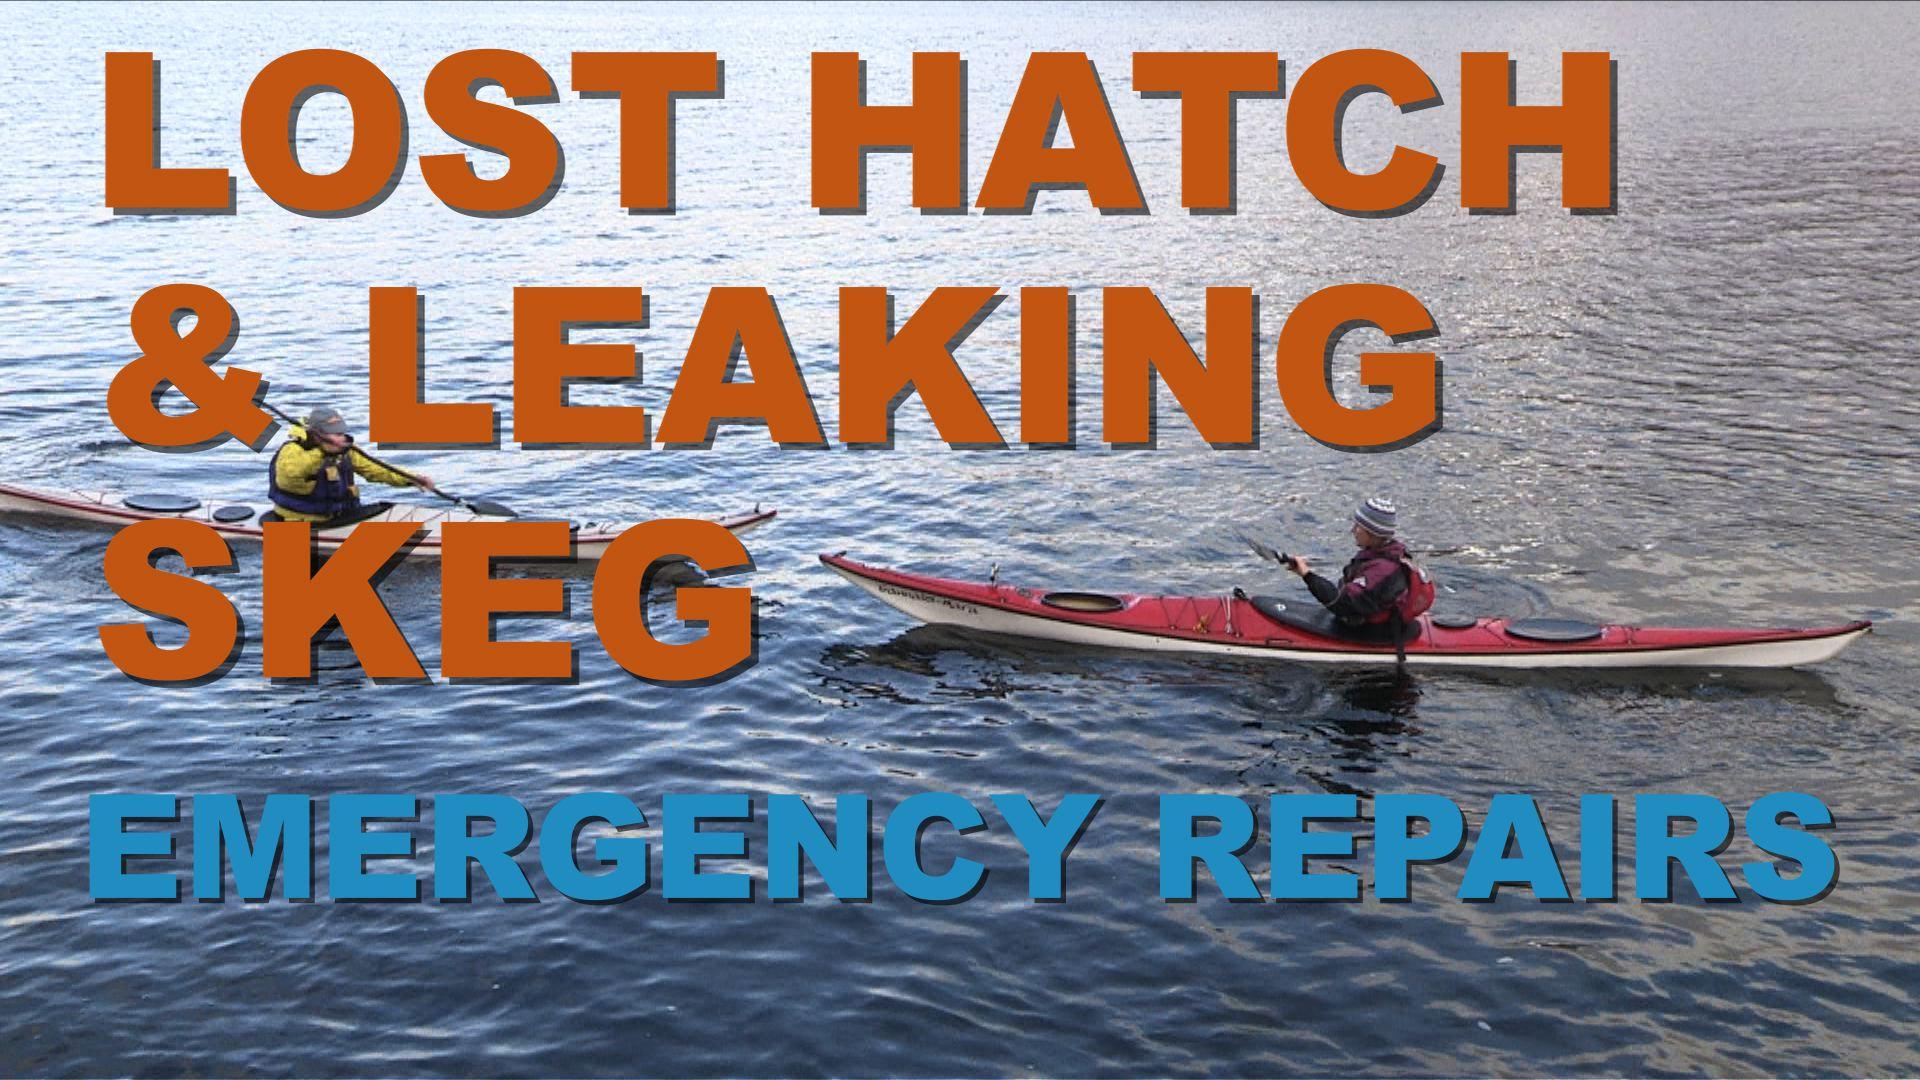 Artwork for Lost Hatch & Leaking Skeg Repair